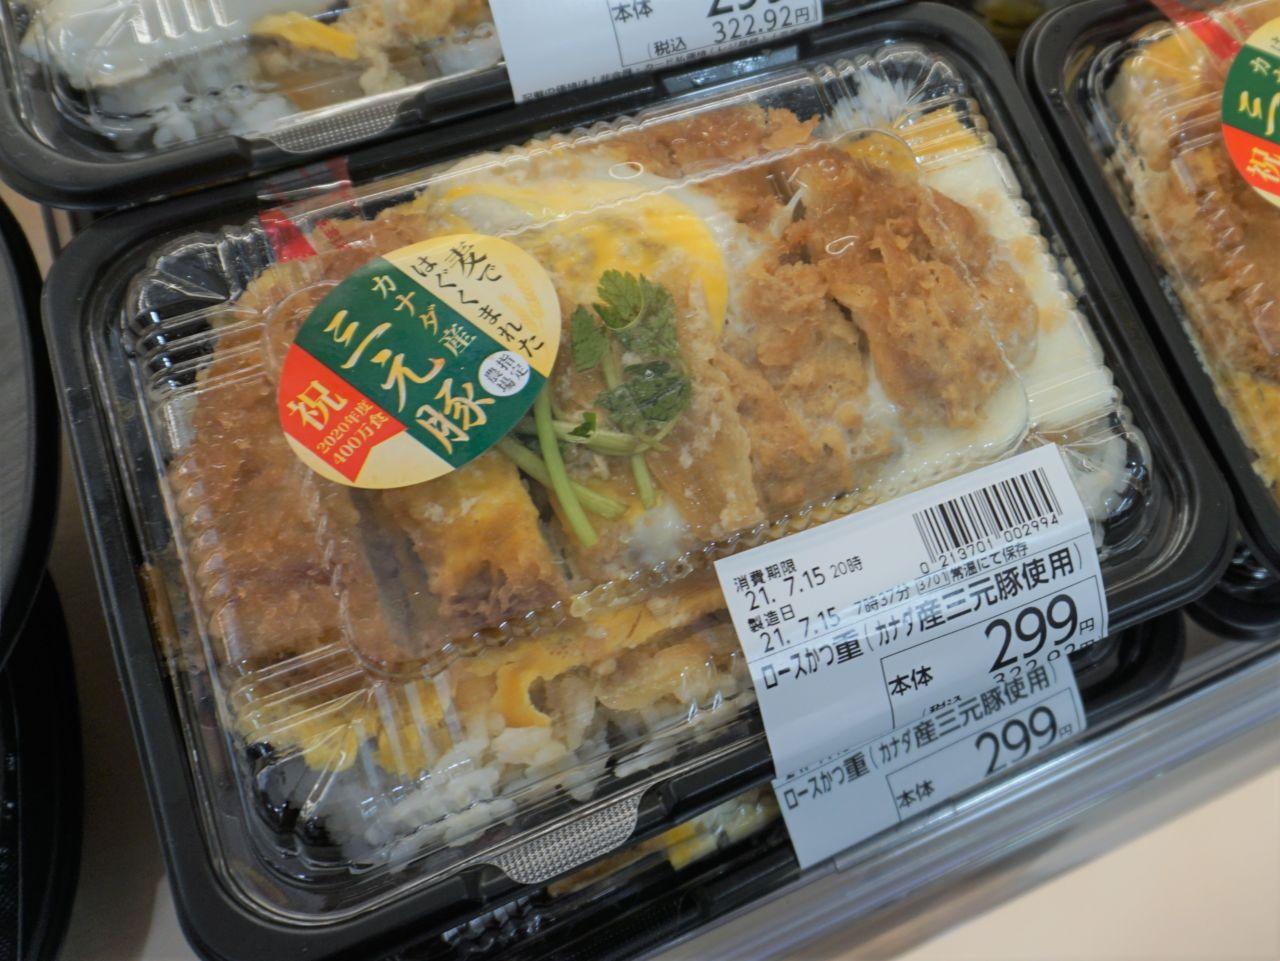 オーケーの人気商品の1つ「ロースかつ重」。かつには精肉部門で販売するカナダ産三元豚を使っている